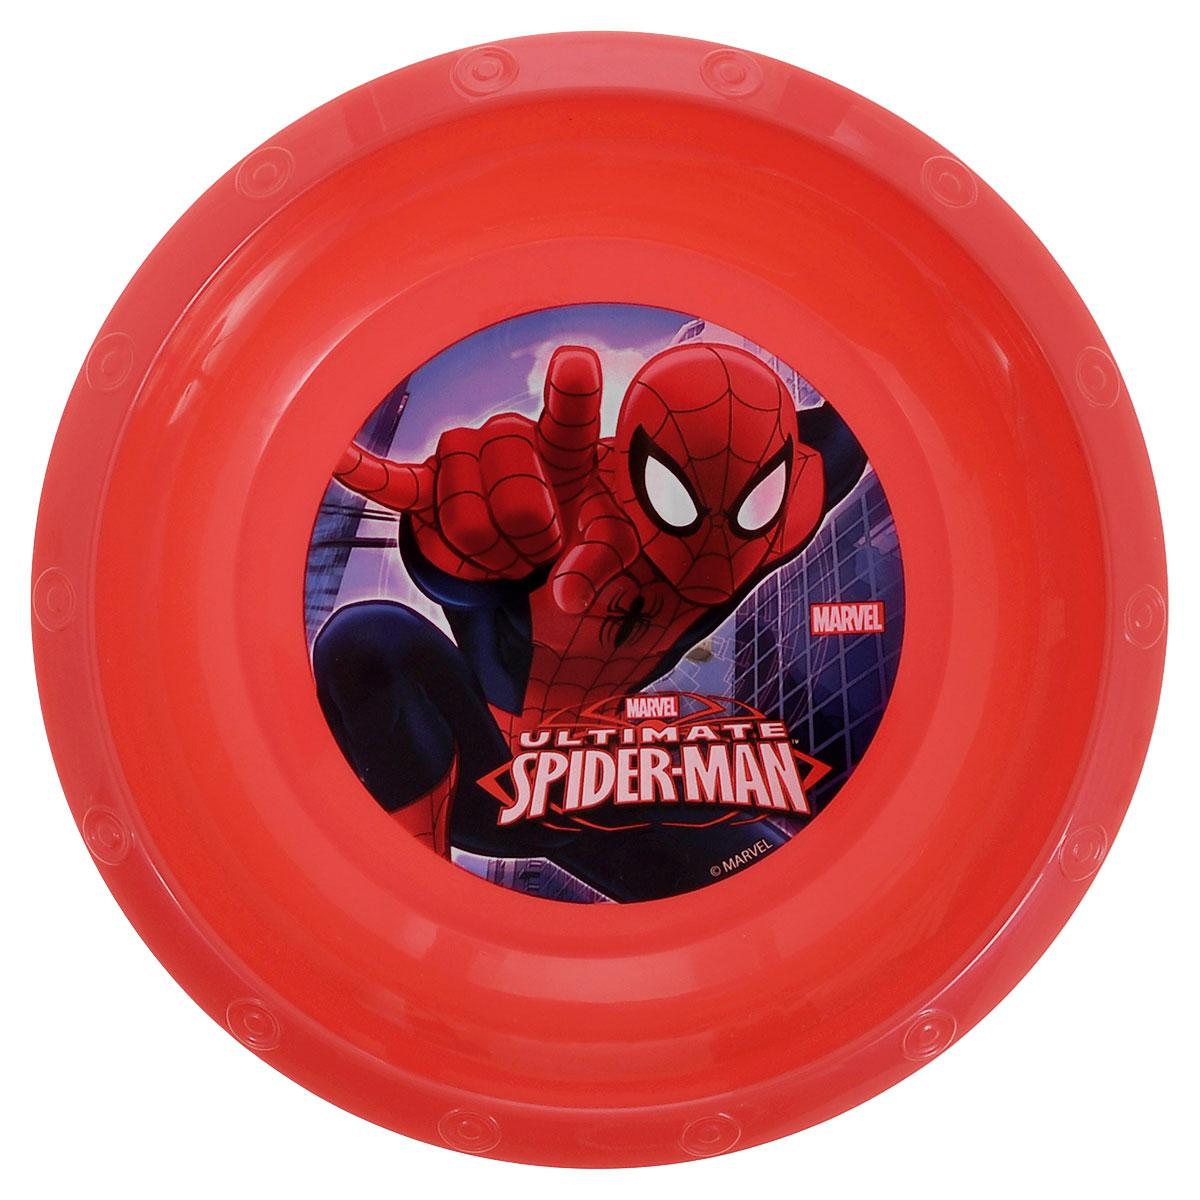 Миска Marvel Spider-Man, цвет: красный, 16 смКРС-262Яркая миска Marvel Spider-Man, изготовленная из безопасного полипропилена красного цвета, непременно понравится юному обладателю. Дно миски оформлено изображением супергероя - человека-паука из одноименного мультсериала. Изделие очень функционально, пригодится на кухне для самых разнообразных нужд.Рекомендуется для детей от: 3 лет.